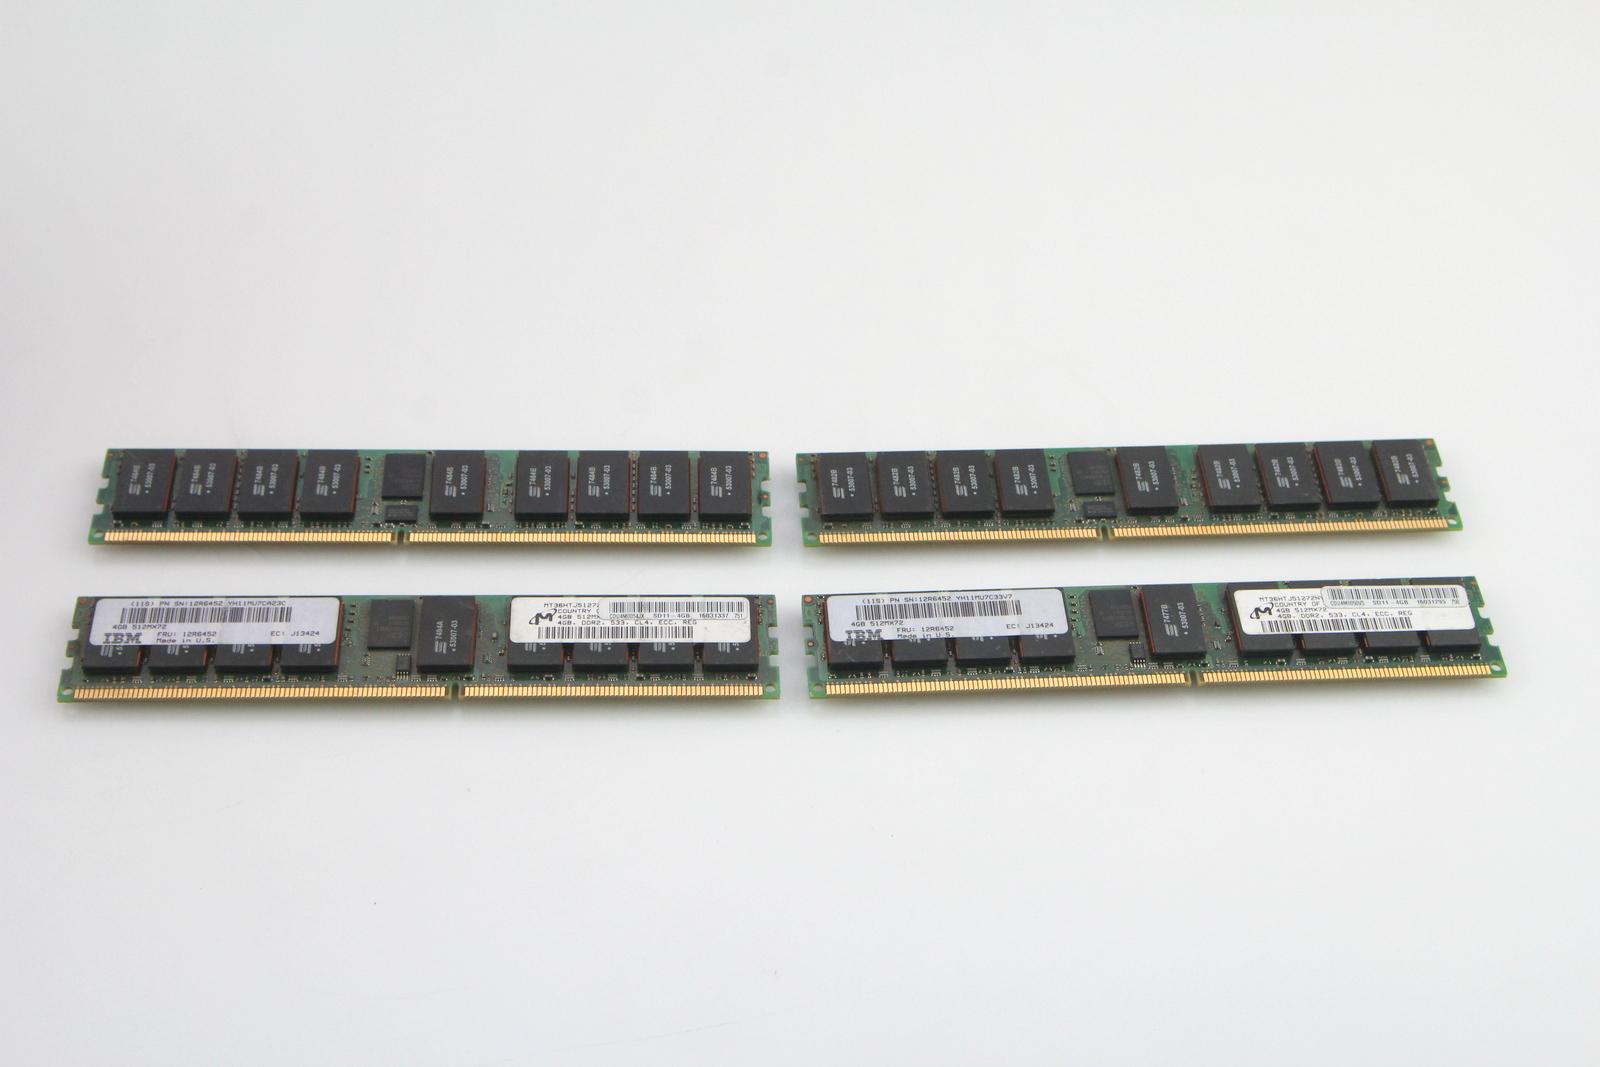 Genuine IBM Micron 12R6452 4GB DDR2 533 MHz CL4 ECC REG PC-4200 512MX72 Memory